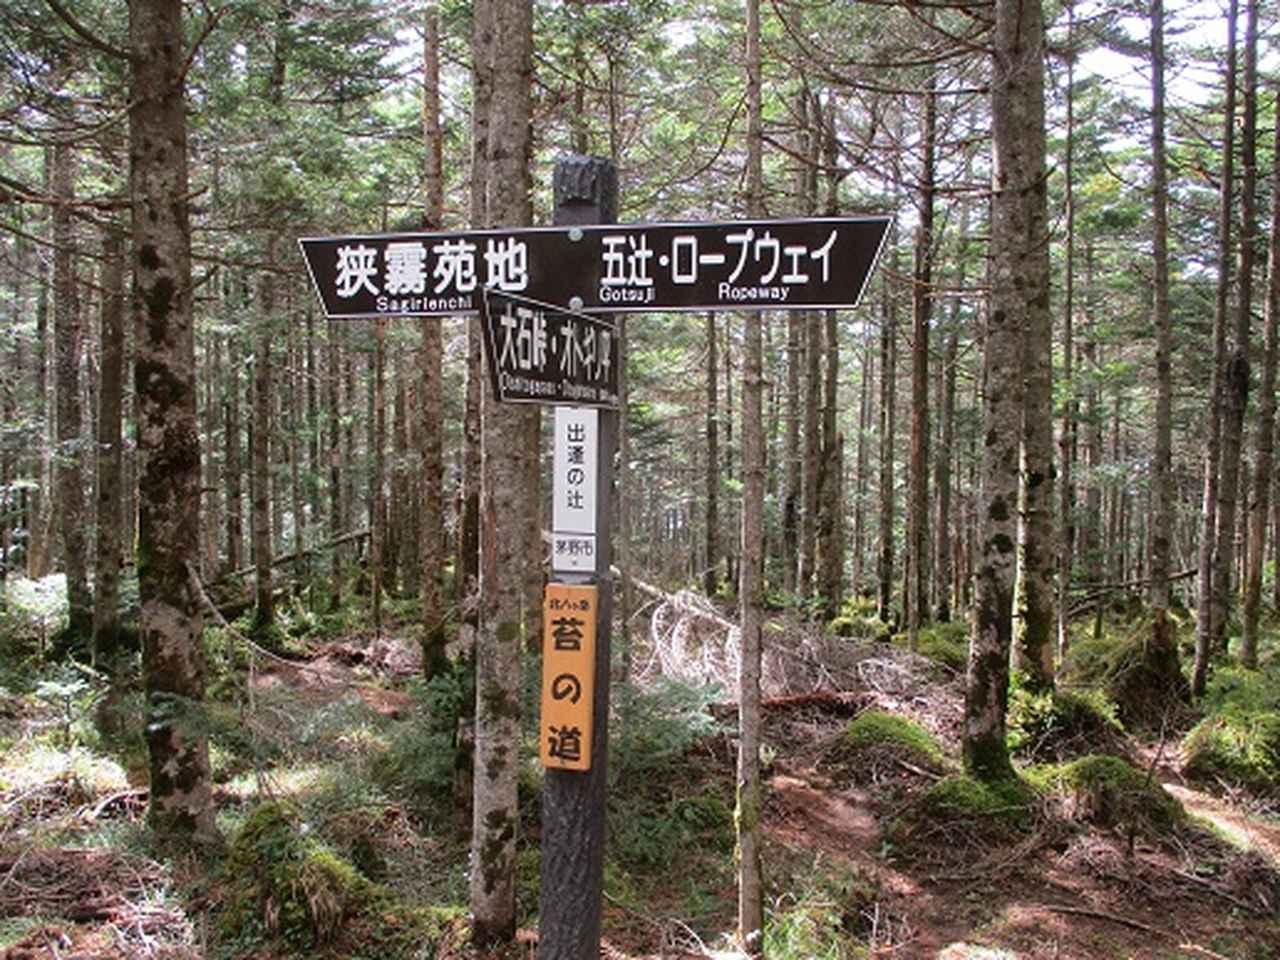 画像5: 【山旅会・登山ガイドこだわりツアー】岡田ガイドからの便り・麦草峠から五辻ツアーの下見にいってまいりました!